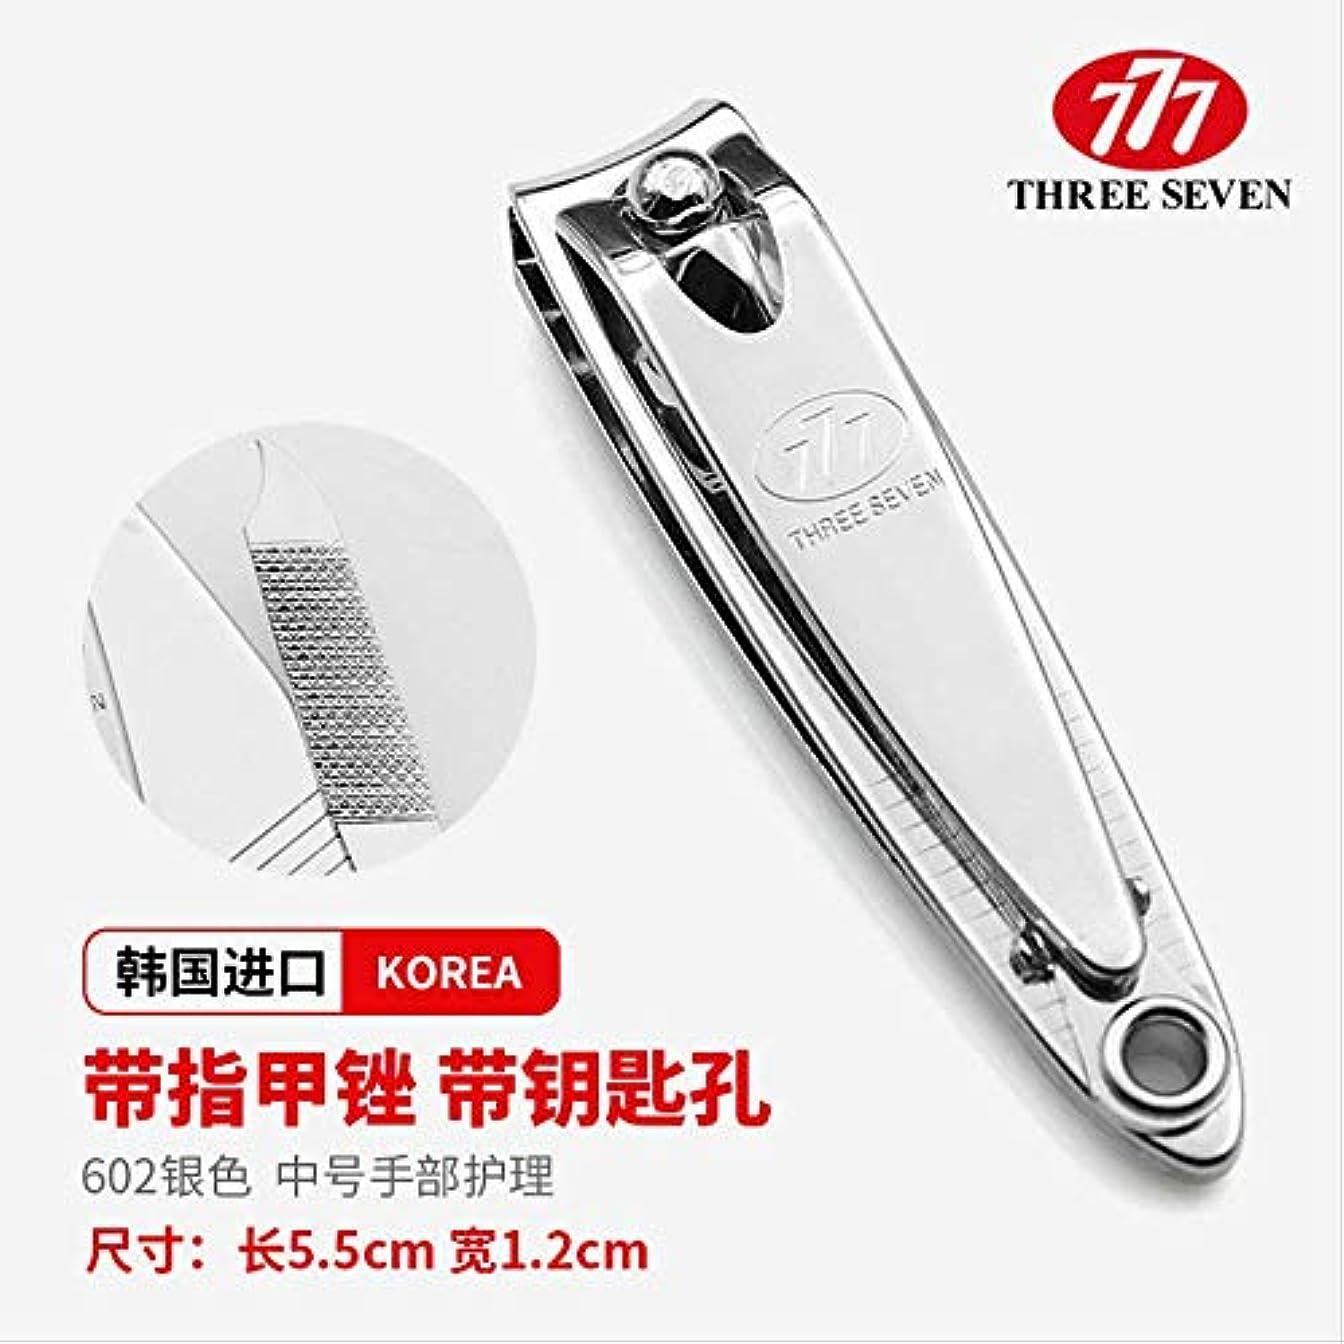 デッドステージ恥ずかしさ韓国777爪切りはさみ元平口斜め爪切り小さな爪切り大本物 N-602GP